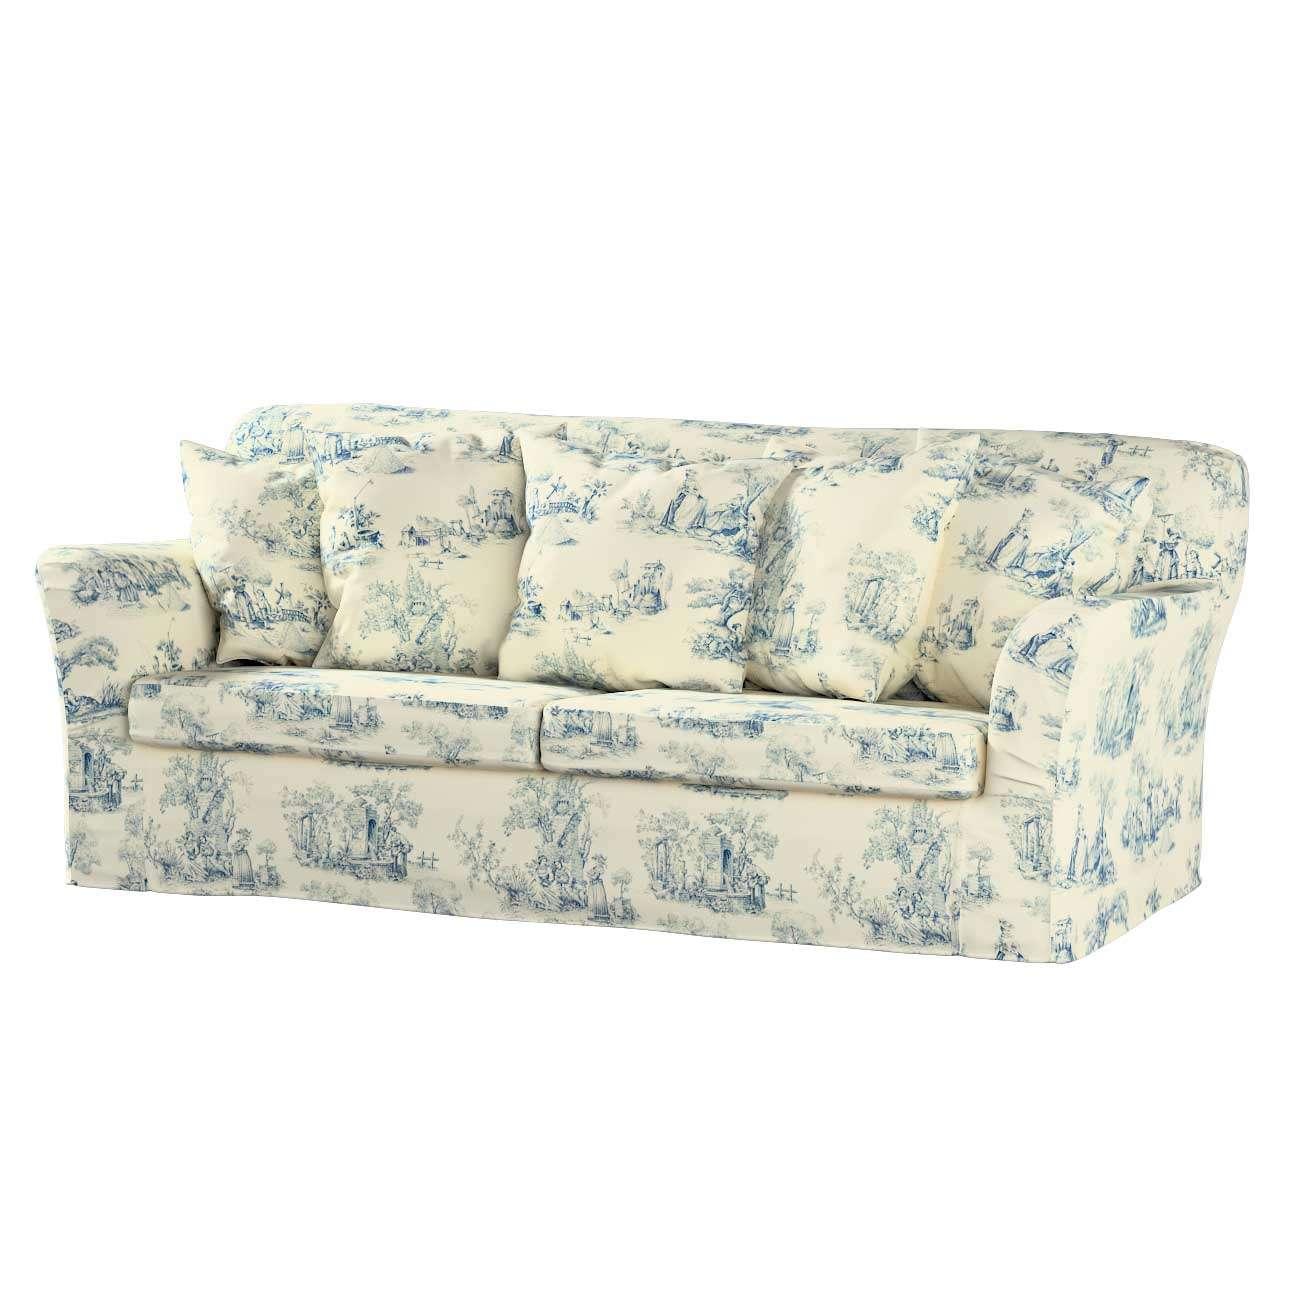 TOMELILLA trivietės sofos lovos užvalkalas TOMELILLA trivietė sofa lova kolekcijoje Avinon, audinys: 132-66